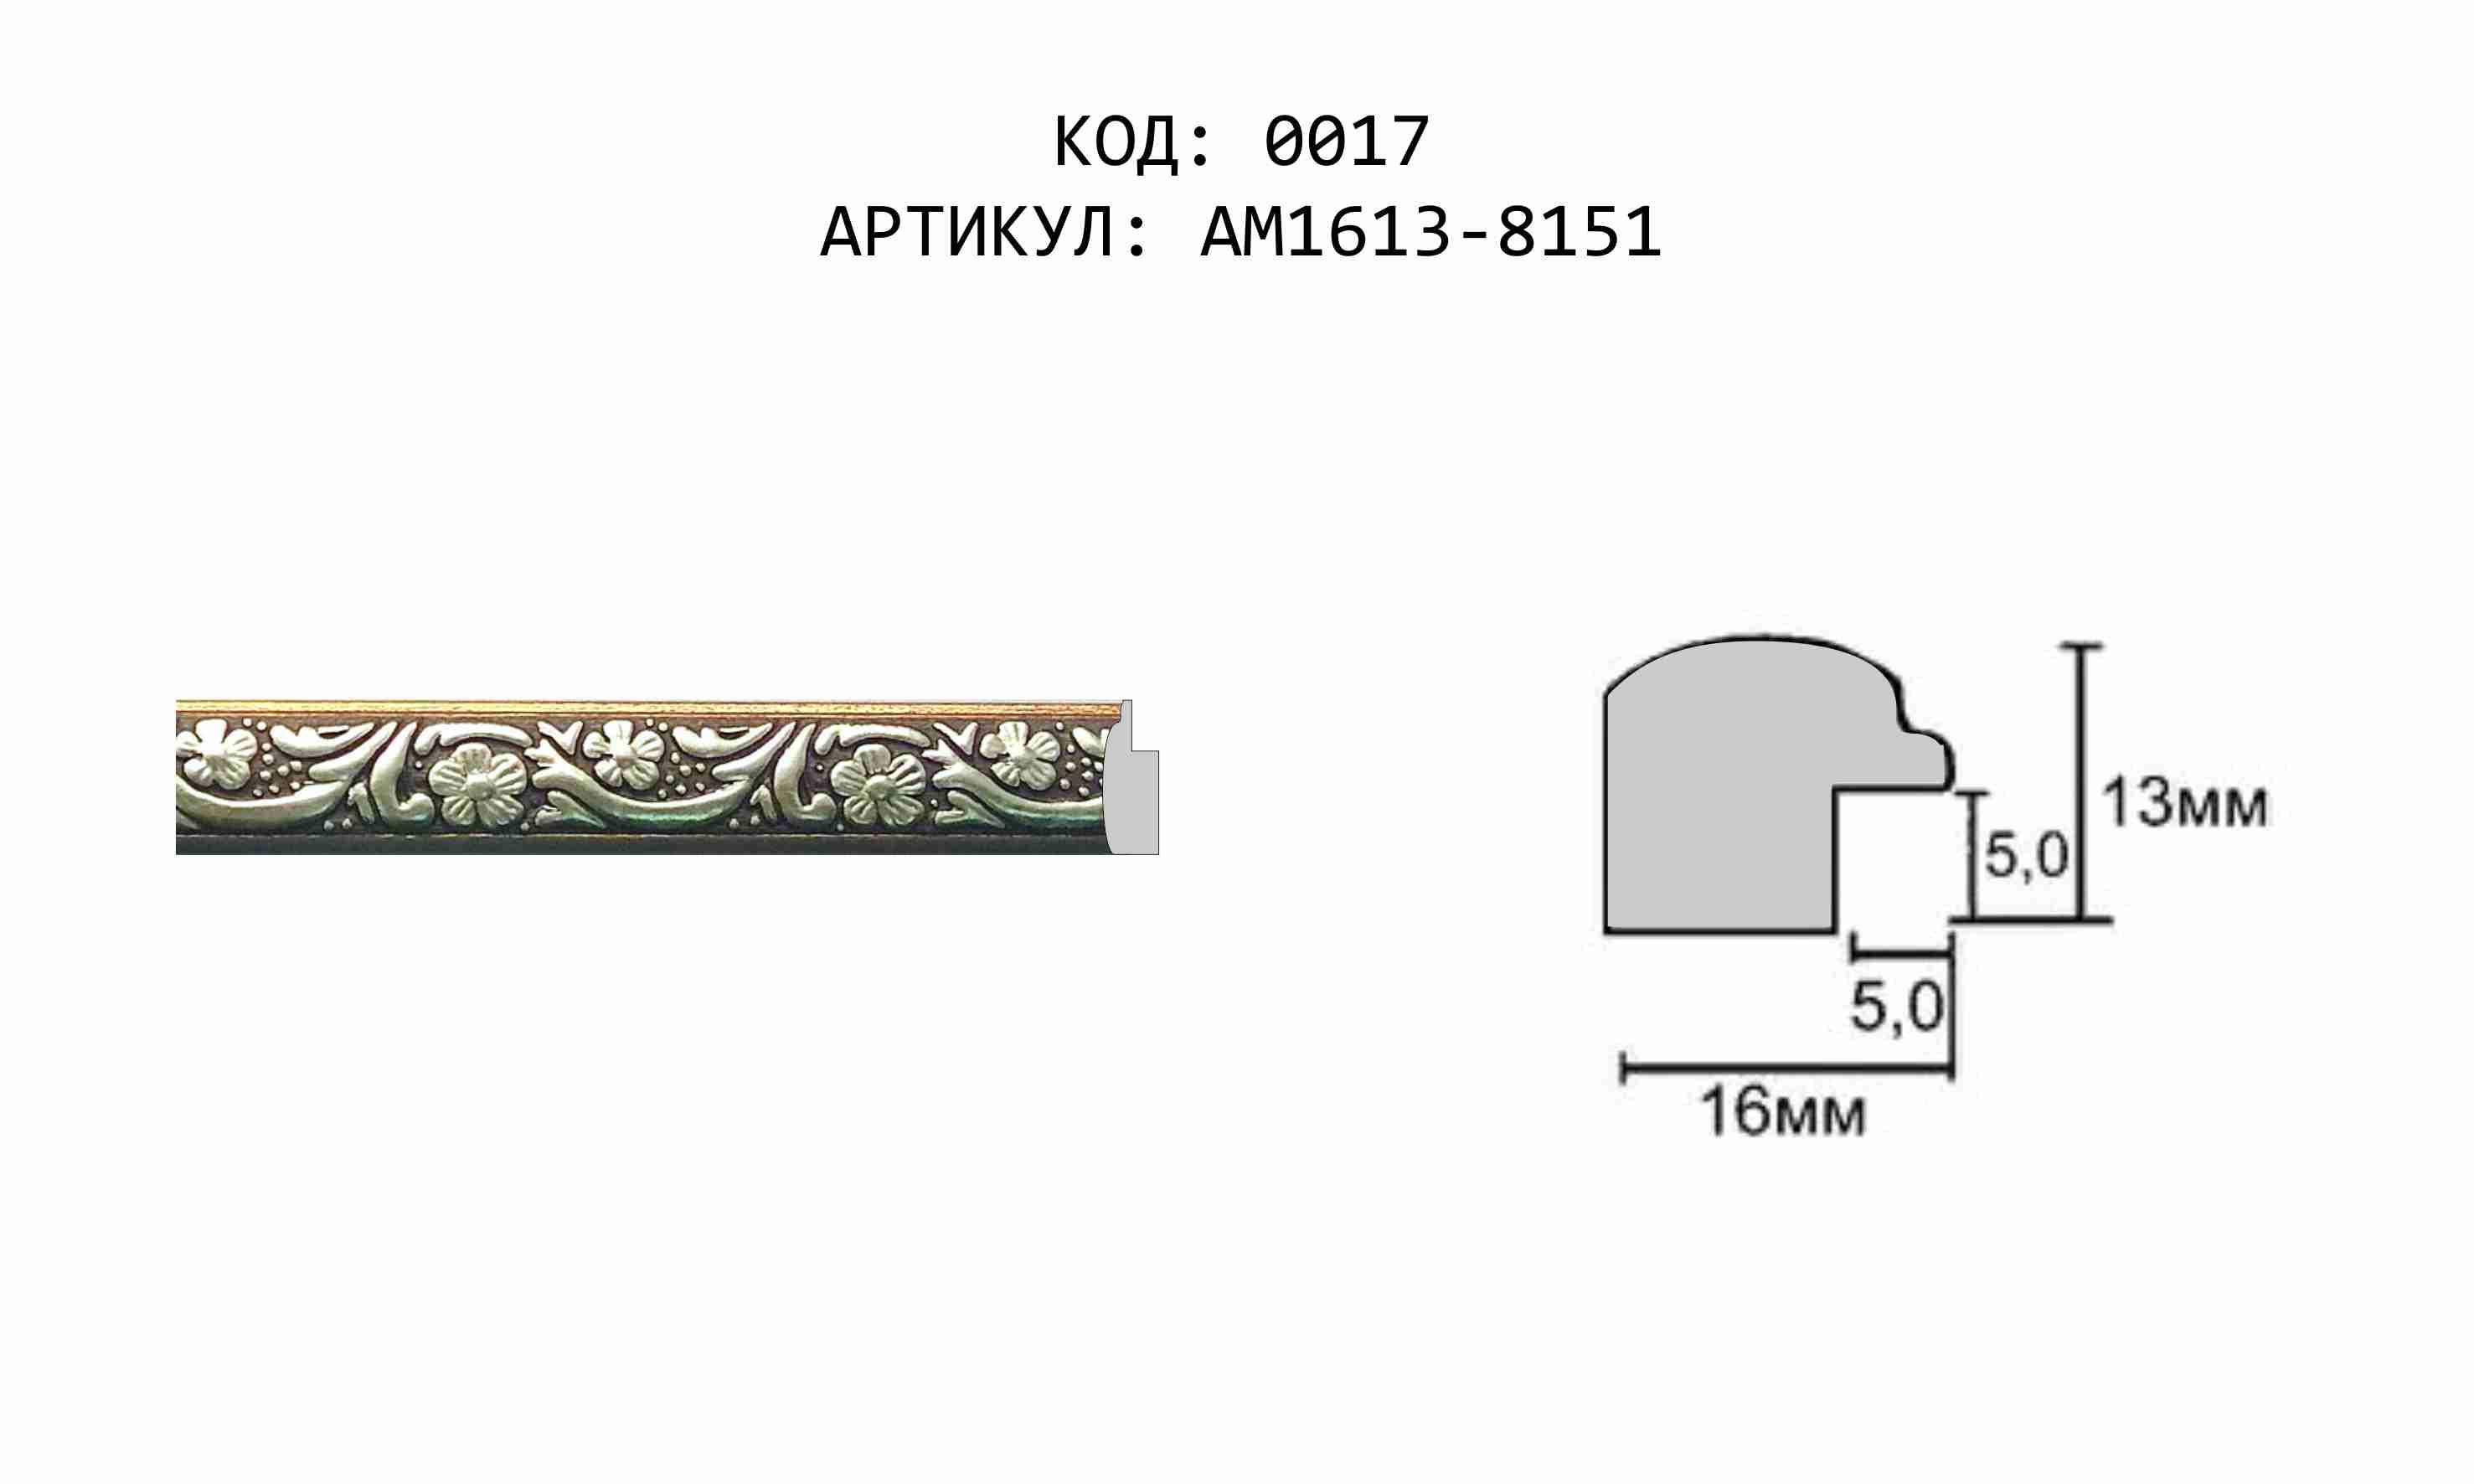 Артикул: AM1613-8151